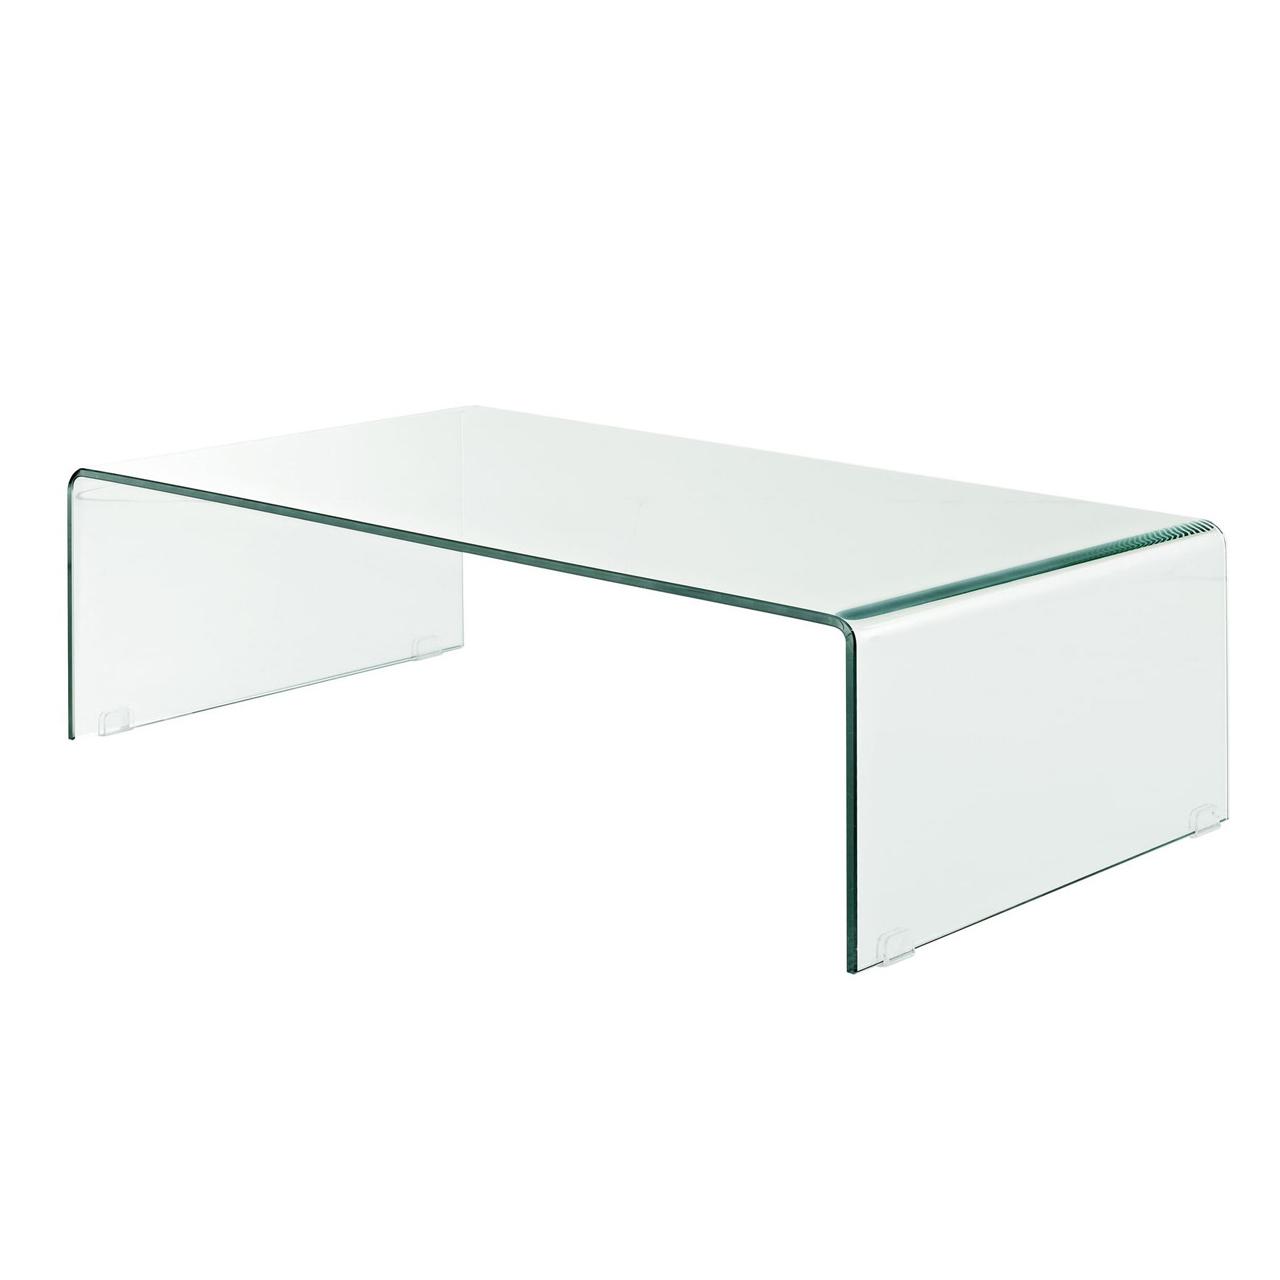 خرید                     میز جلو مبلی شیشه خم اطلس 12 میل طول 110 سانتی متر